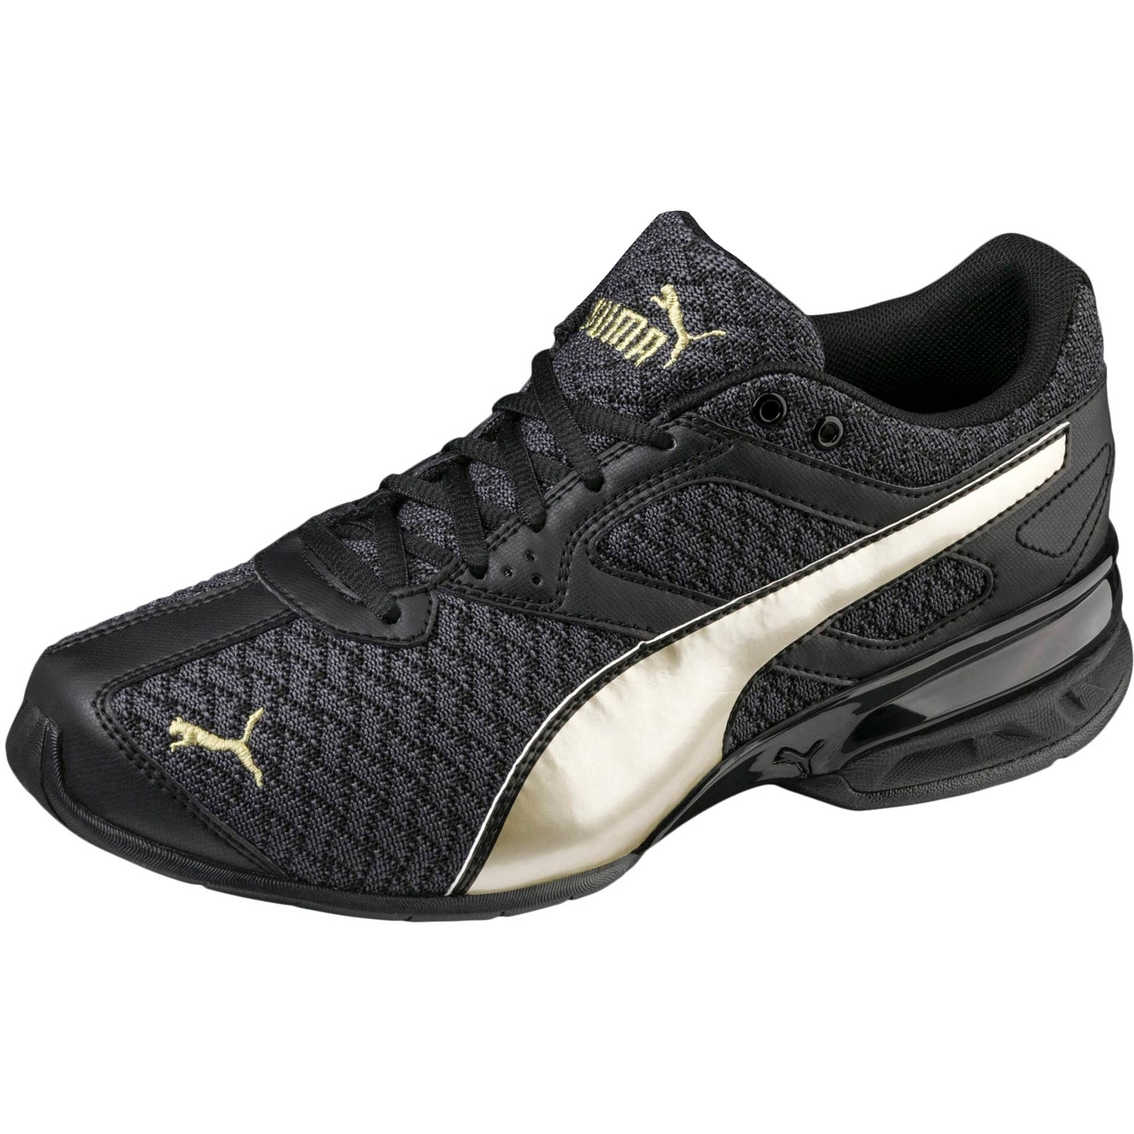 Puma Women's Tazon 6 Running Shoes | Running | Shoes | Shop